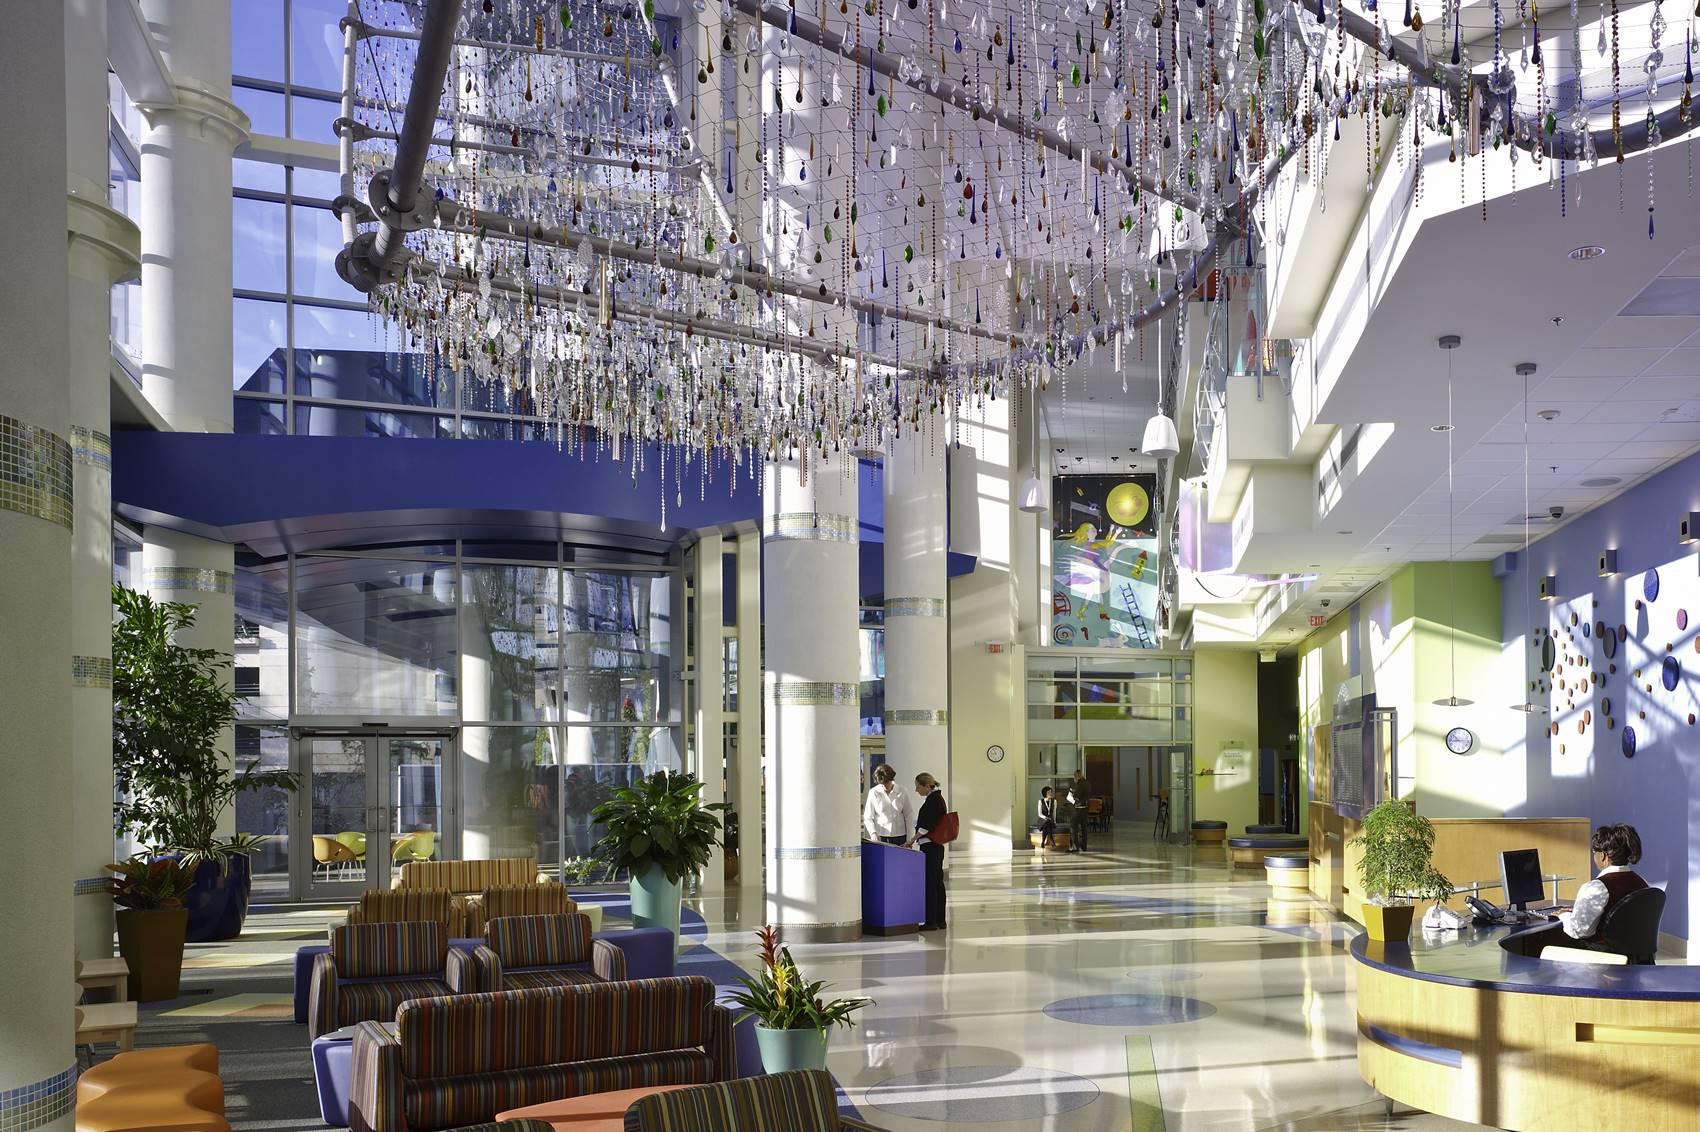 Hospital Atrium